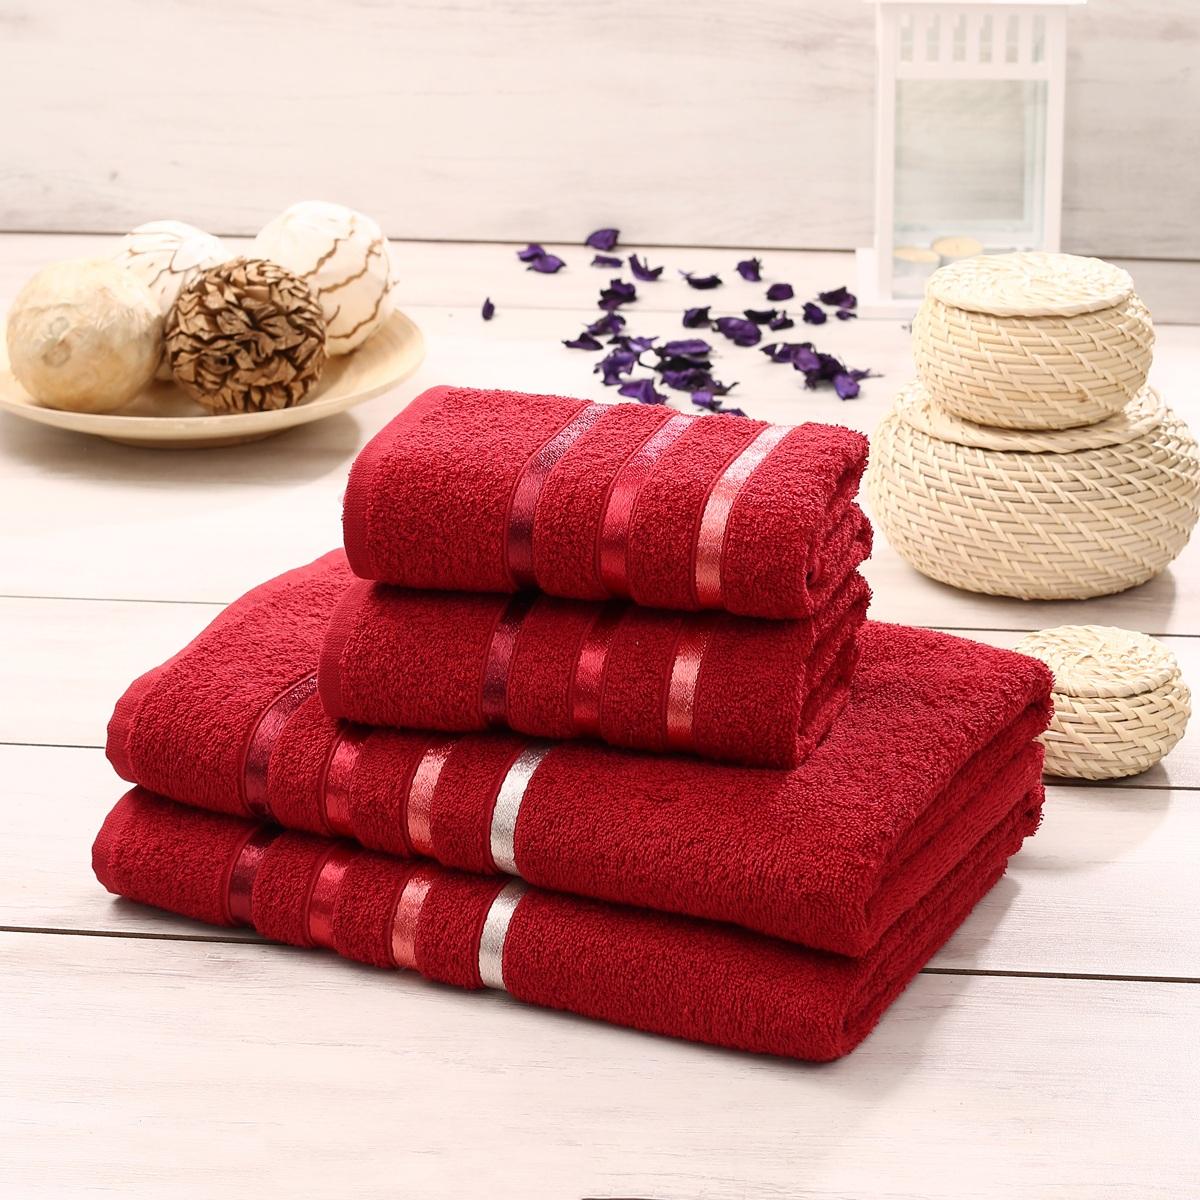 Набор махровых полотенец Karna Bale, цвет: красный, 4 шт. 953/CHAR023CLP446Набор Karna Bale включает 2 полотенца для лица, рук и 2 банных полотенца. Изделия выполнены из высококачественного хлопка с отделкой в виде полос. Каждое полотенце отличается нежностью и мягкостью материала, утонченным дизайном и превосходным качеством. Они прекрасно впитывают влагу, быстро сохнут и не теряют своих свойств после многократных стирок. Такой набор создаст в вашей ванной царственное великолепие и подарит чувство ослепительного торжества. А также станет приятным подарком для ваших близких или друзей. Набор украшен текстильной лентой. Размер:50 x 80 см - 2шт. и 70 x 140 см - 2 шт.